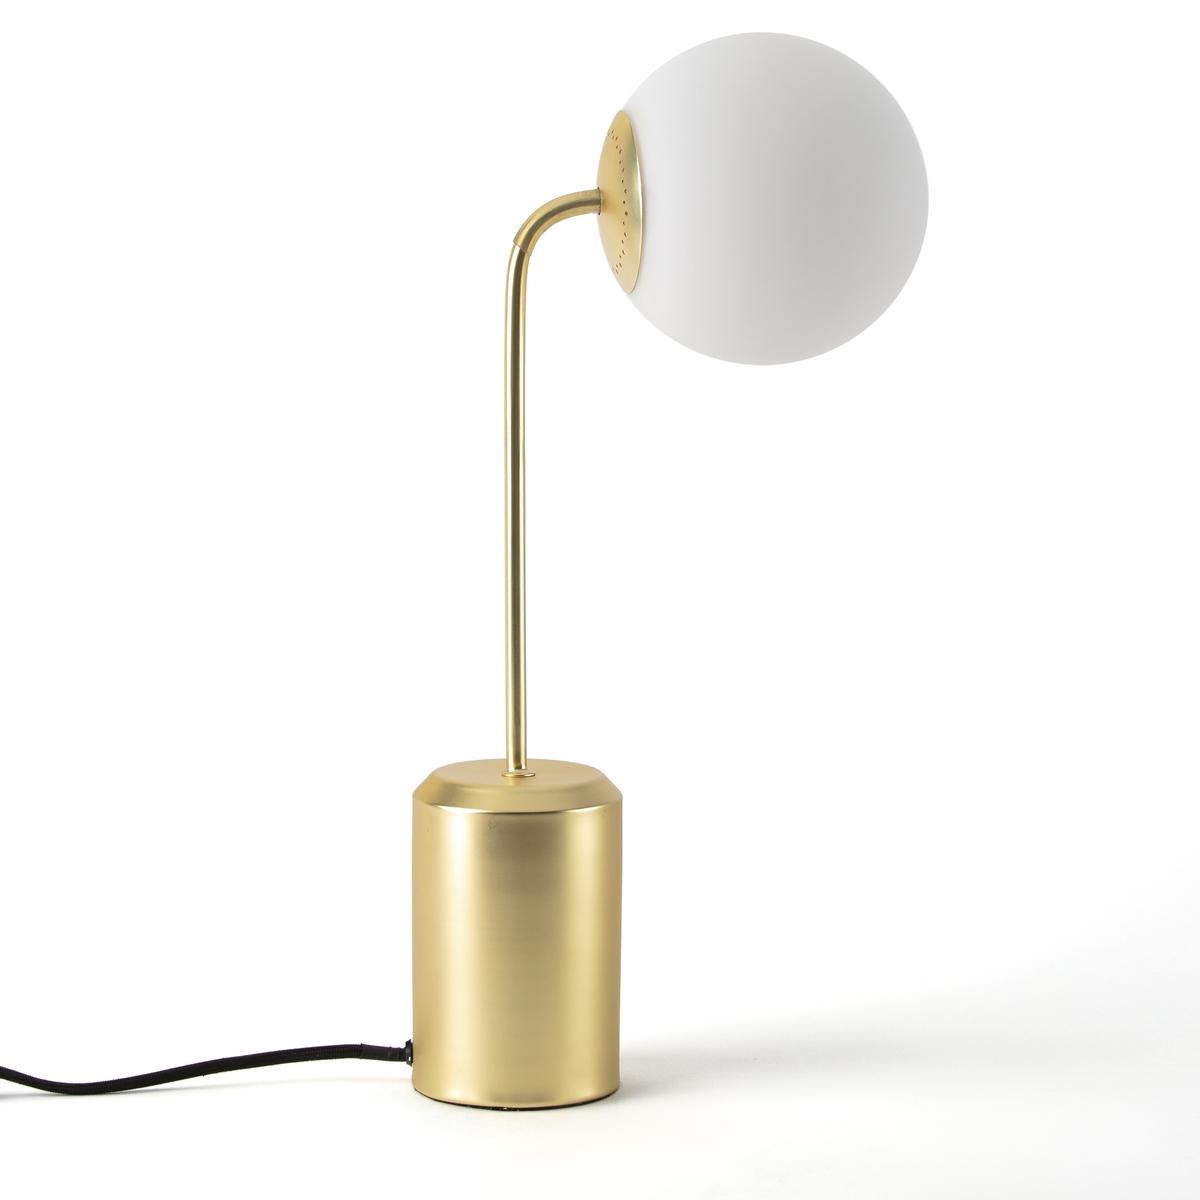 Лампа настольная из опалового стекла, MORICIOХарактеристики лампы Moricio :Колпак из обработанного стекла (опаловое стекло).Металл с блестящим или матовым покрытием. Патрон для лампы G9 18W макс., продается отдельно. Кабель с тканевой оболочкой. Совместима с лампами класса энергопотребления C.Всю коллекцию Moricio вы можете найти на сайте laredoute.ru .Размеры лампы Moricio :Общие размеры Ширина : 22 смВысота : 40,5 смГлубина : 15 смРазмеры и вес коробки :1 коробка26 x 20 x 46 см2 кг<br><br>Цвет: белый